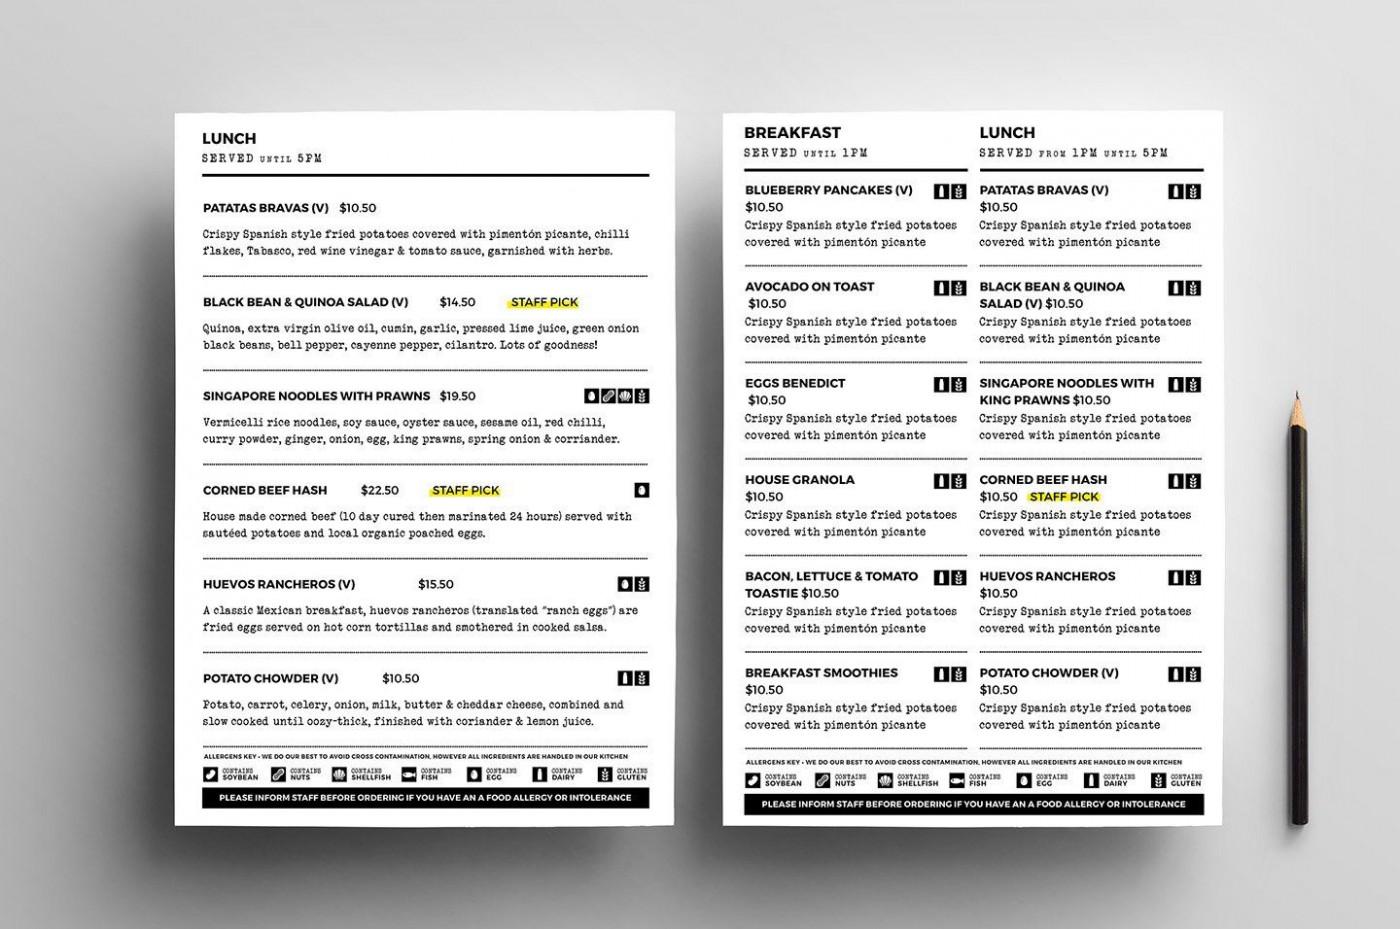 004 Sensational To Go Menu Template Concept  Tri Fold Word1400